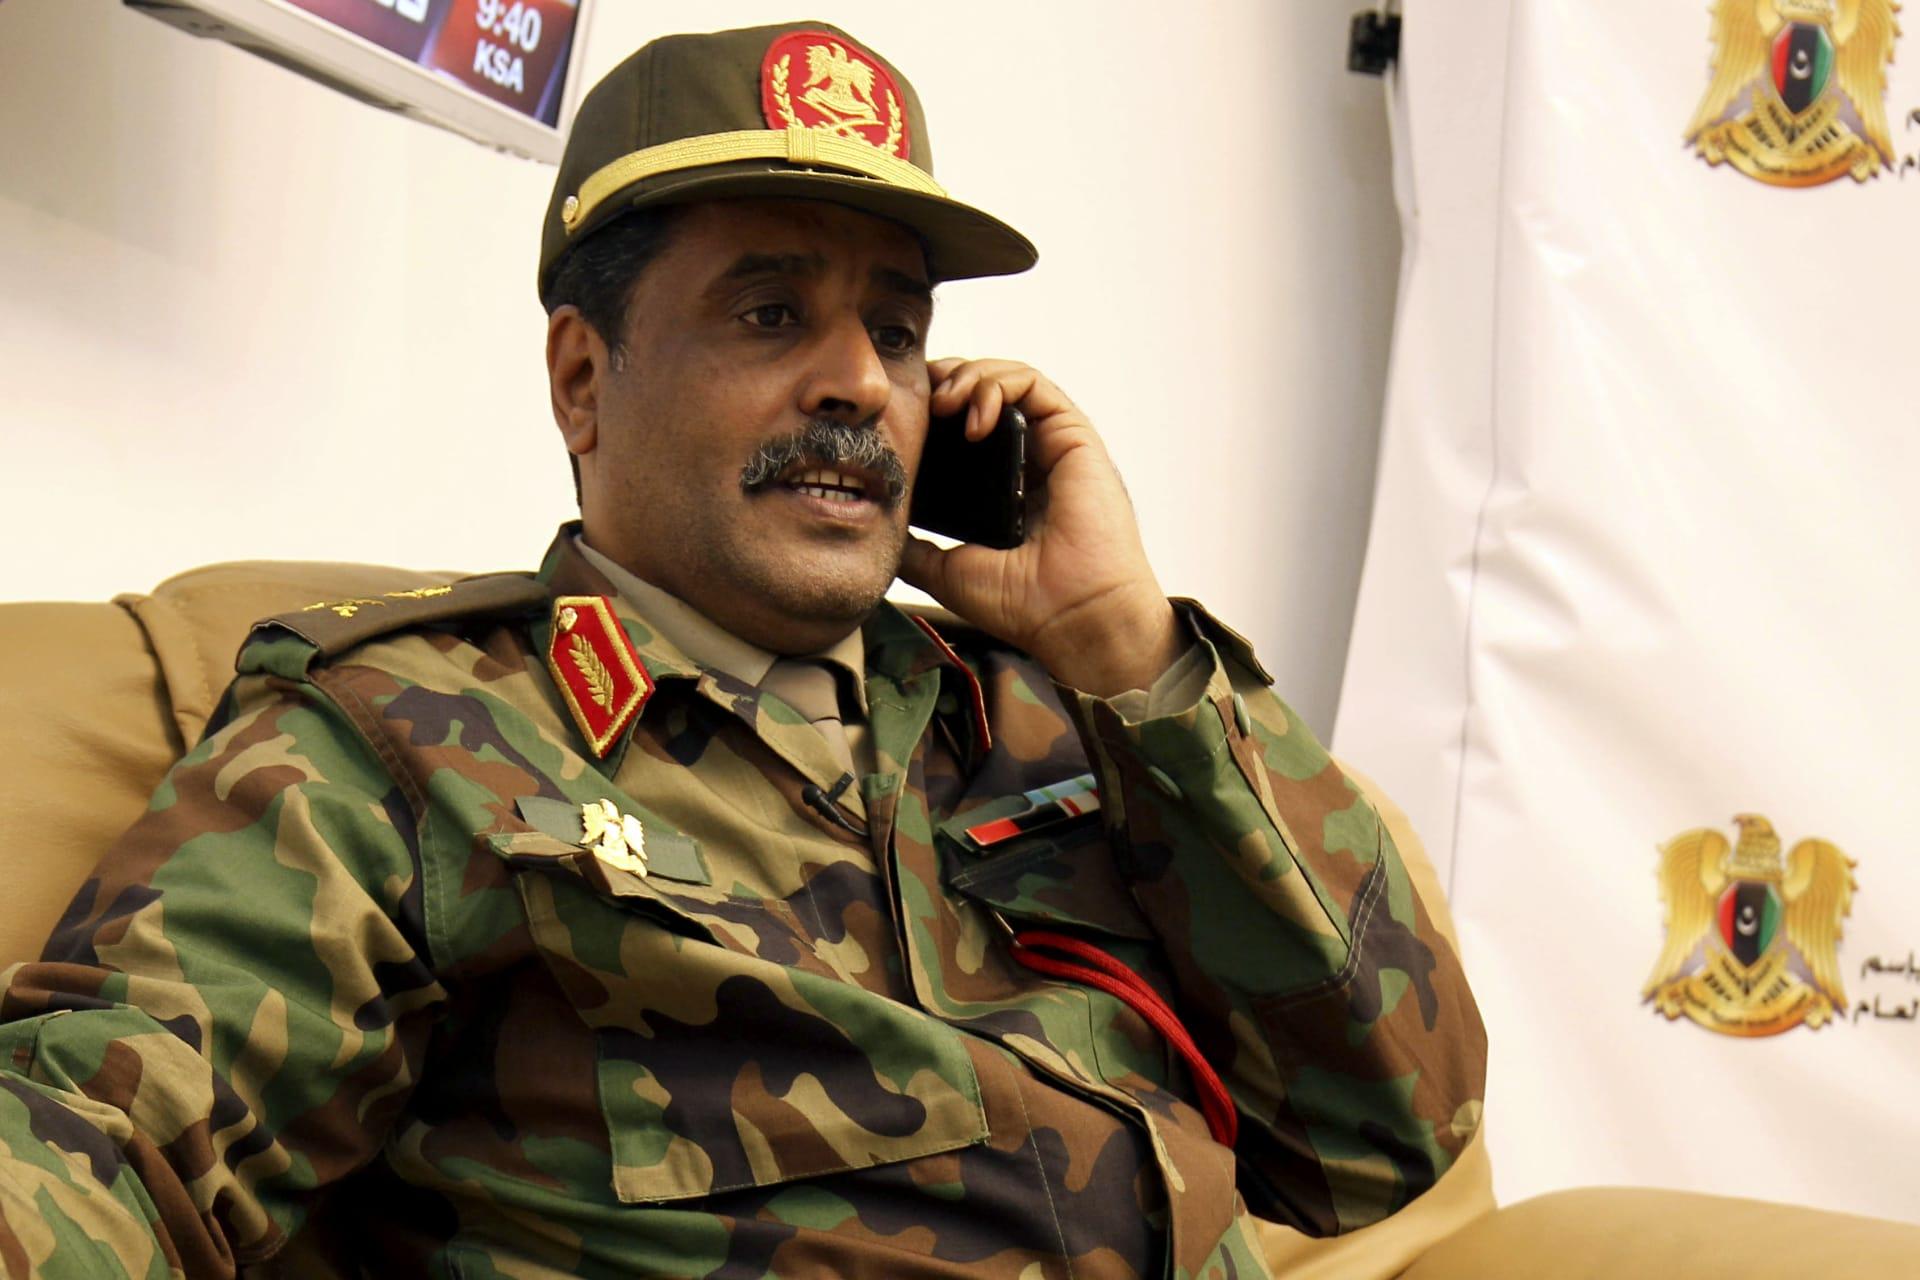 المتحدث باسم الجيش الوطني الليبي: تفاجأنا بوجود قوات أمريكية في طرابلس